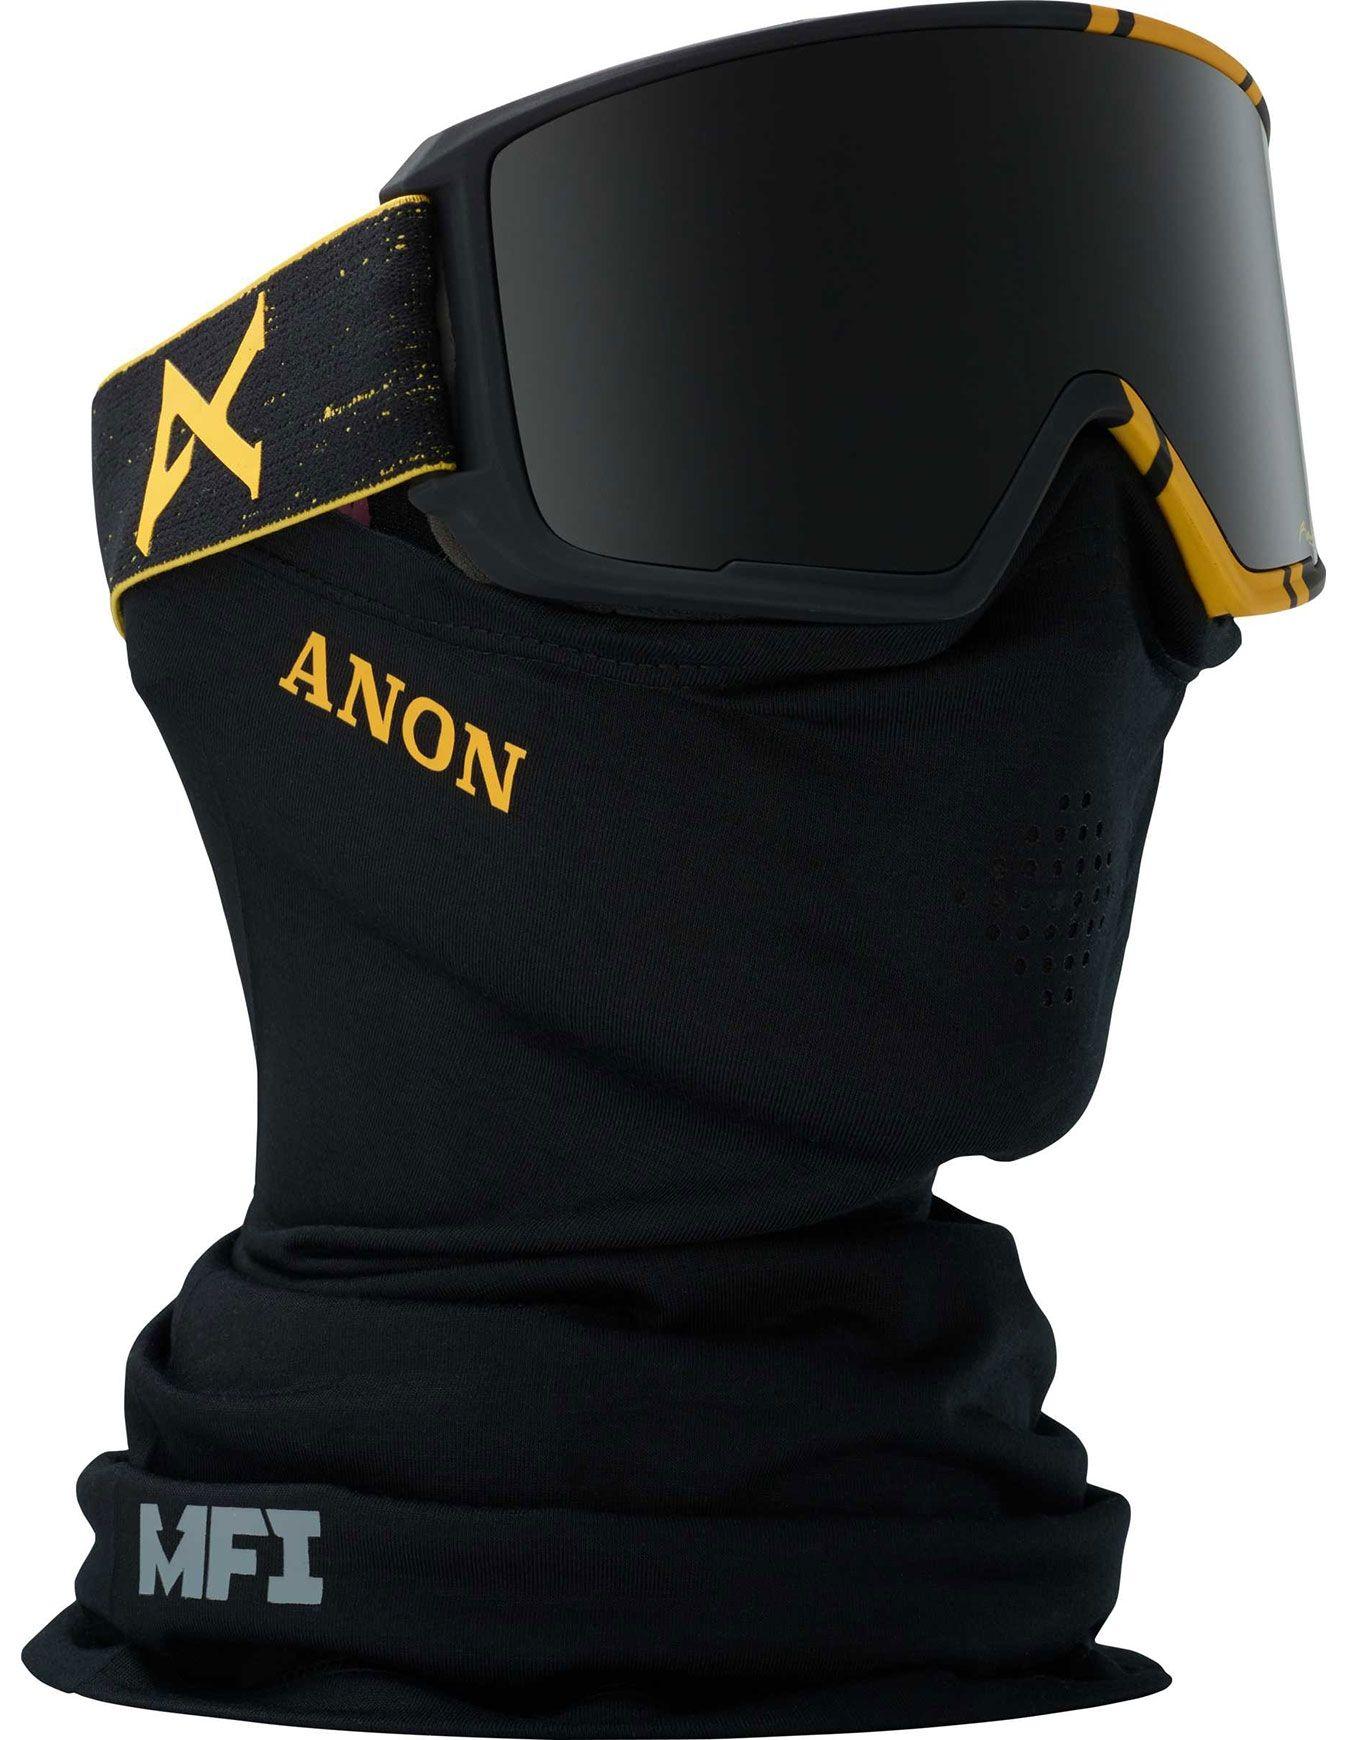 m3 mfi merrill pro anon masques de ski snowleader. Black Bedroom Furniture Sets. Home Design Ideas